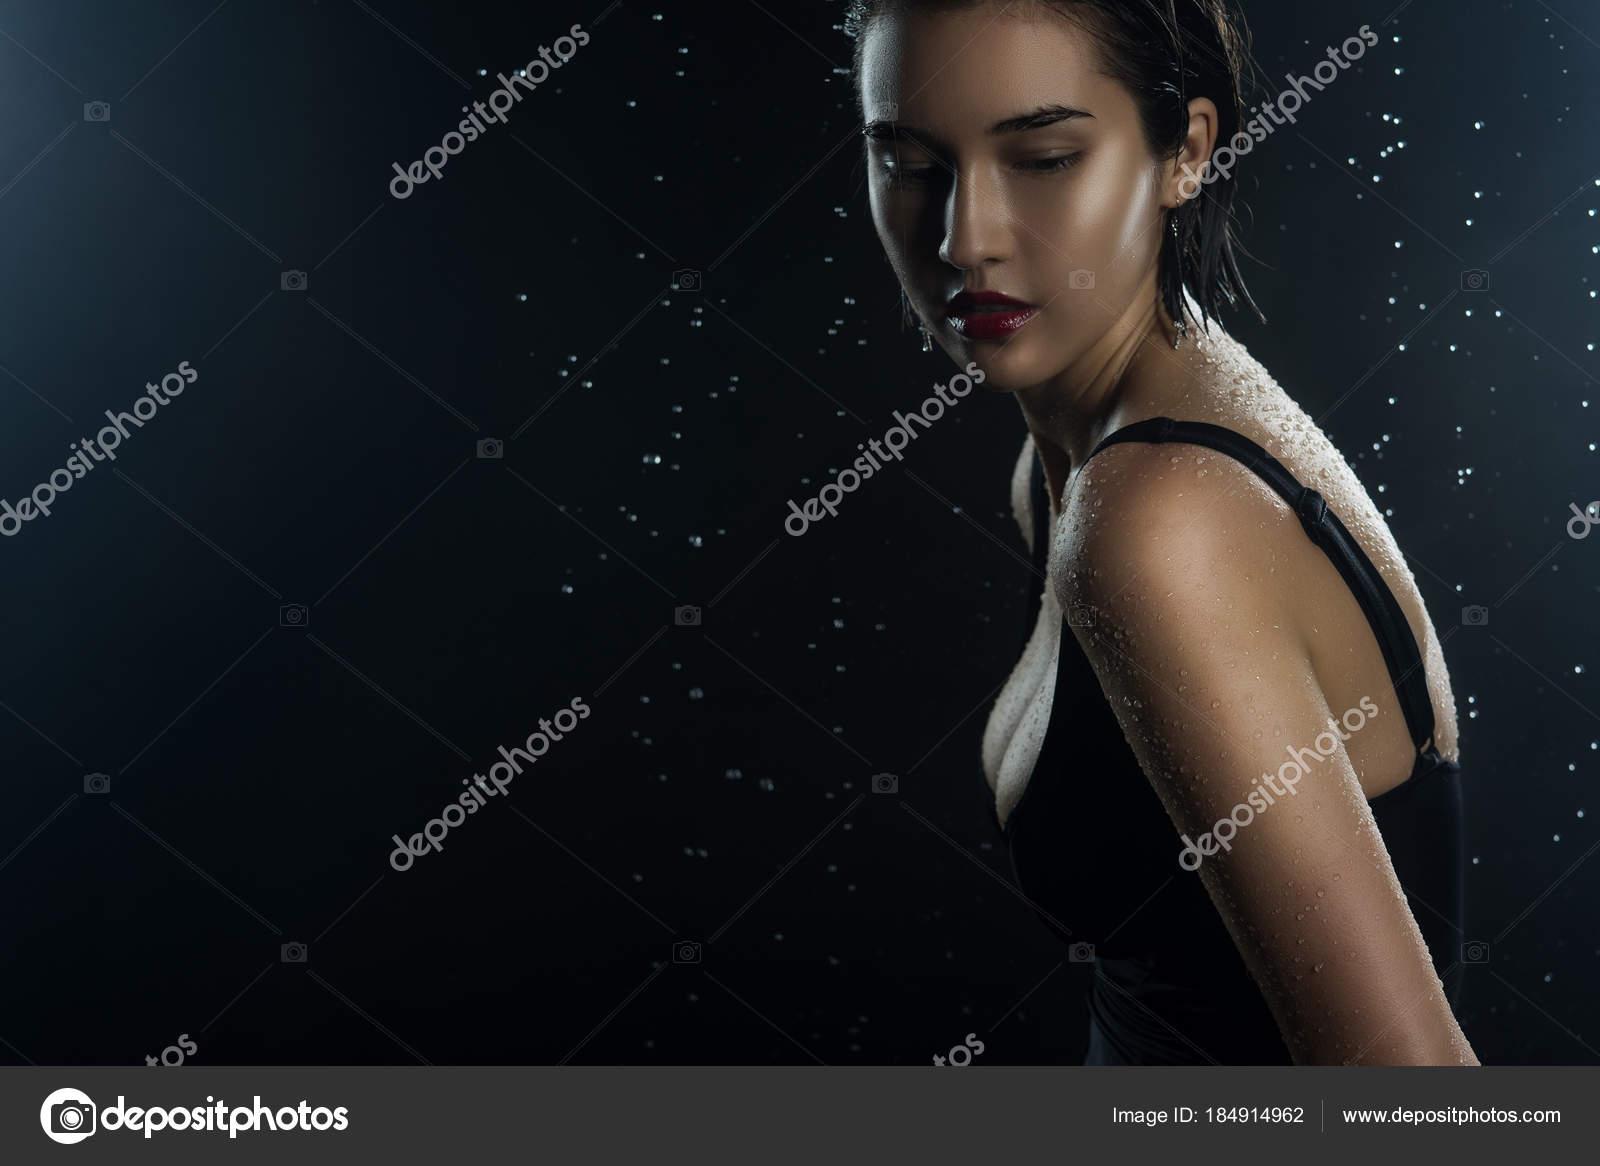 Красивые девки на черном фоне фото большого разрешения #13